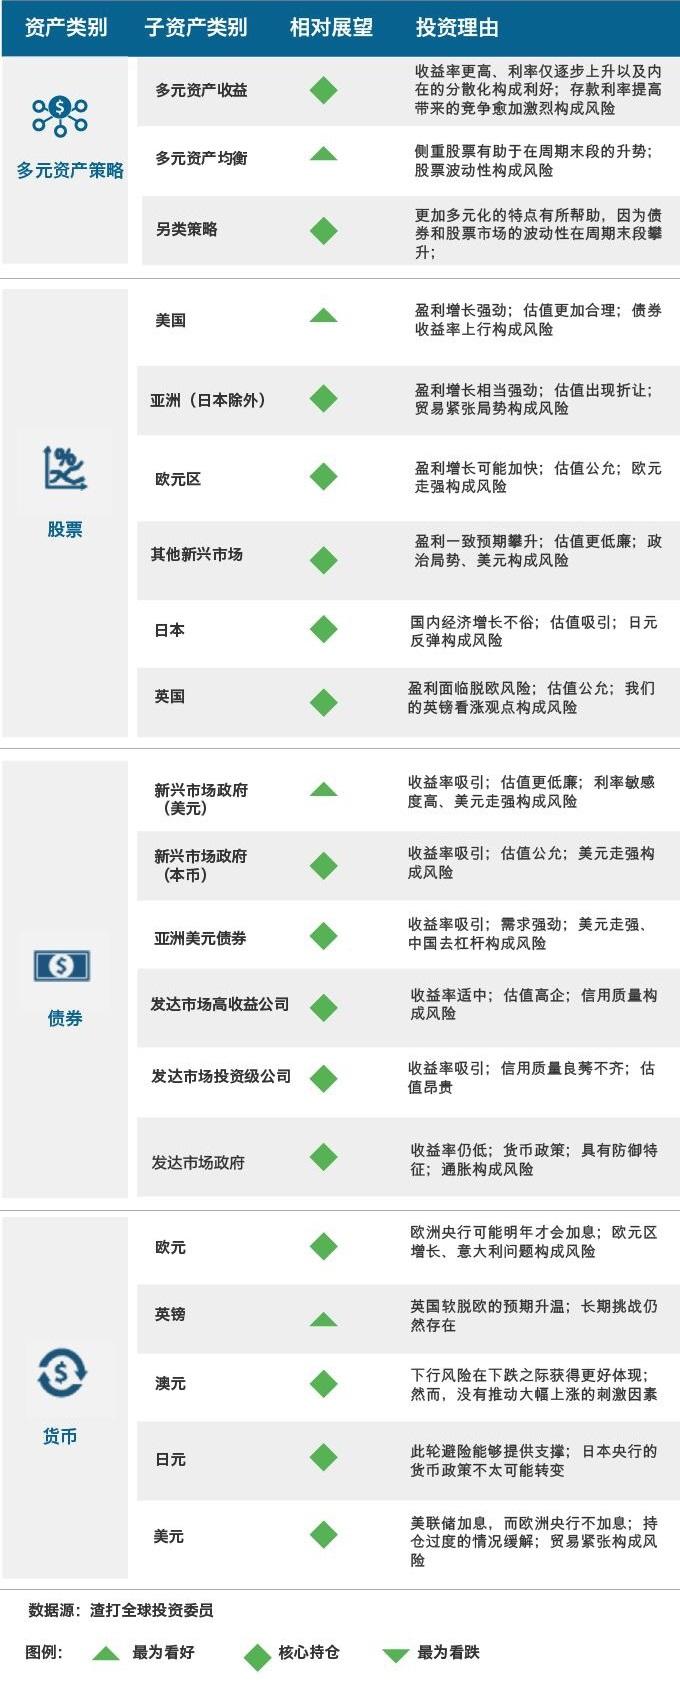 渣打银行战略性资产配置观点(12个月)美元(来源:渣打银行、《线索Clues》整理)